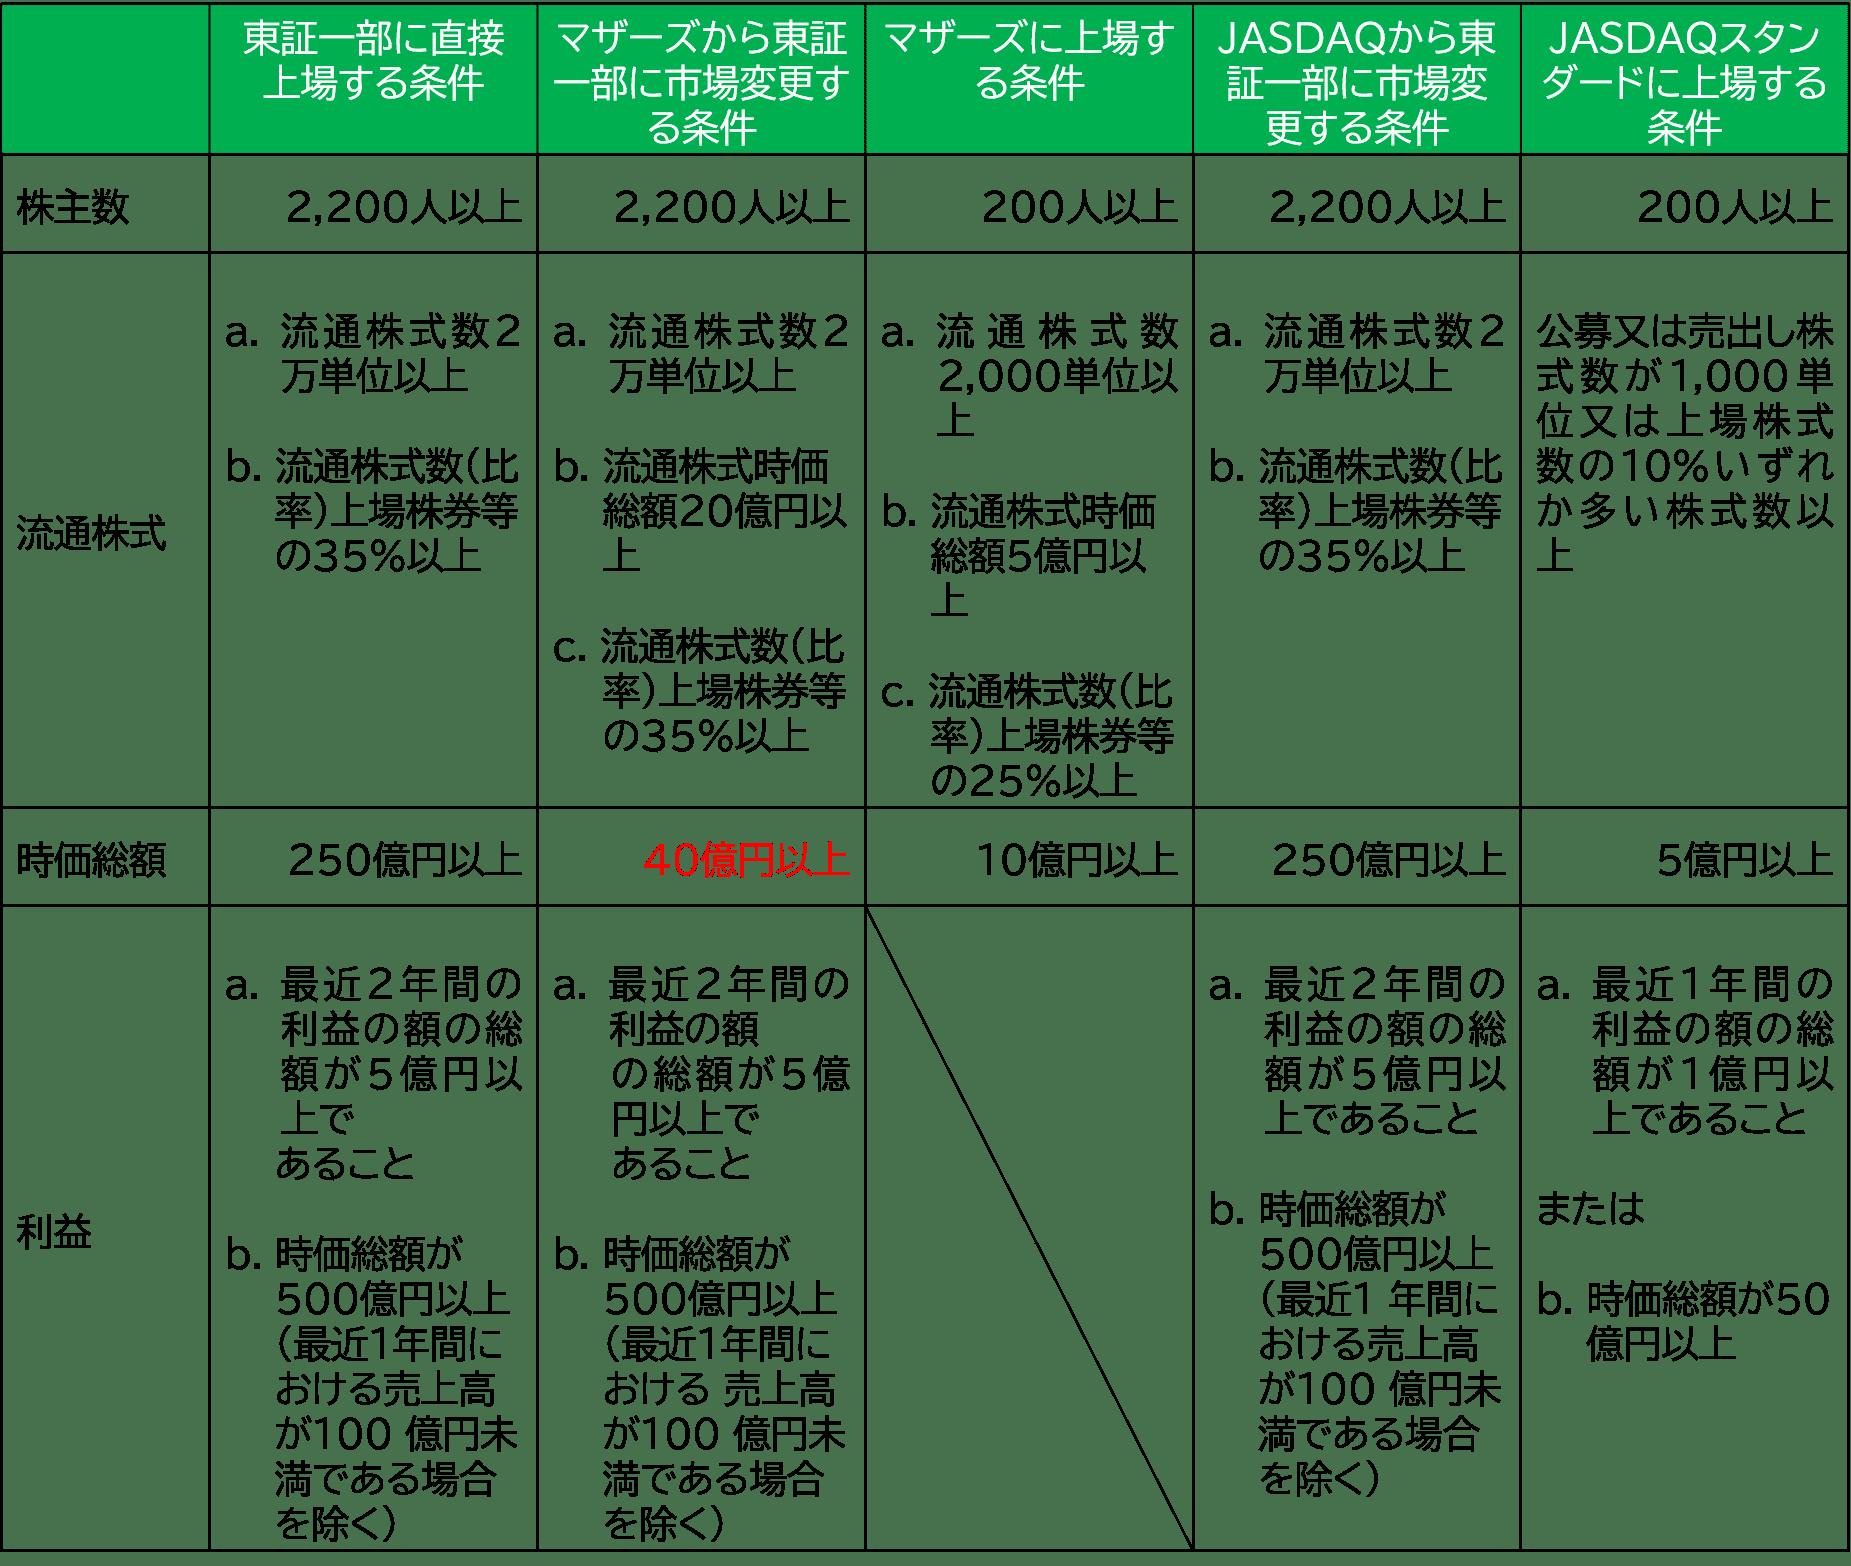 上場と鞍替えの基準比較